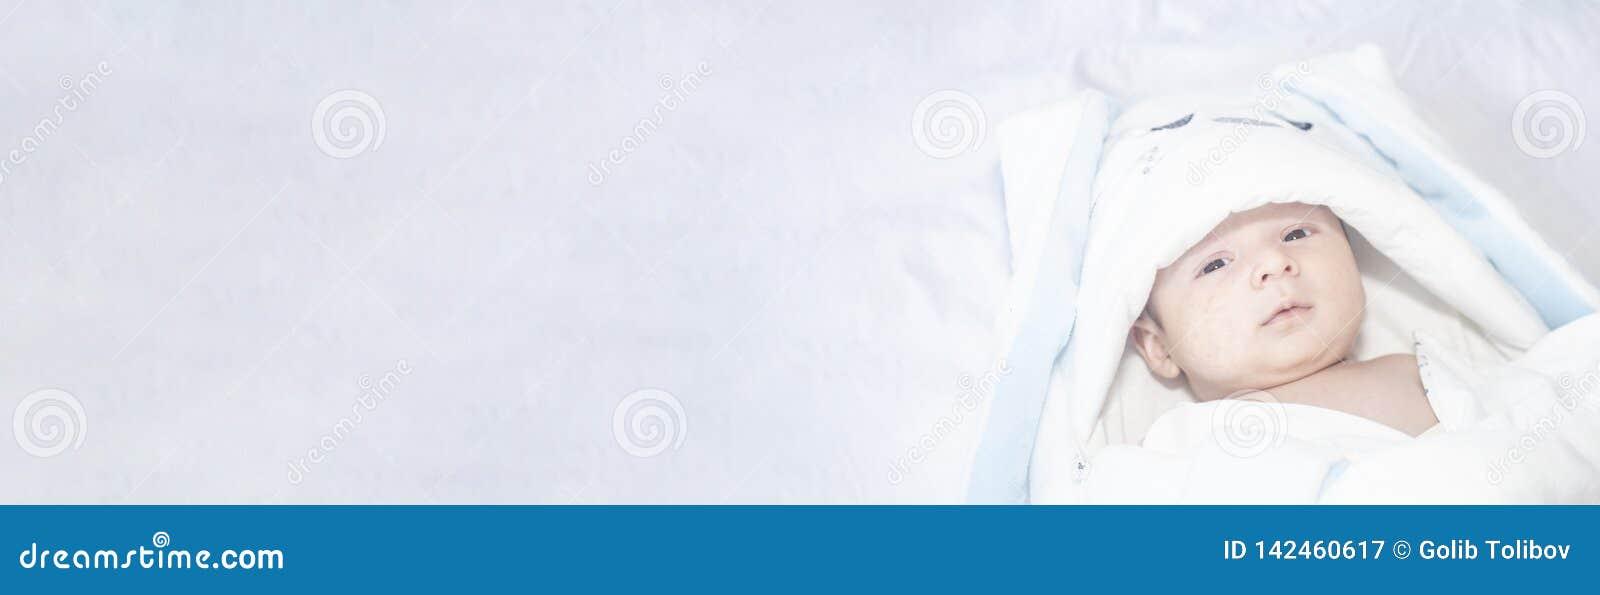 Förtjusande gulligt nyfött behandla som ett barn pojken på vit bakgrund Det älskvärda barnet bar en kanindräkt med långa öron eas